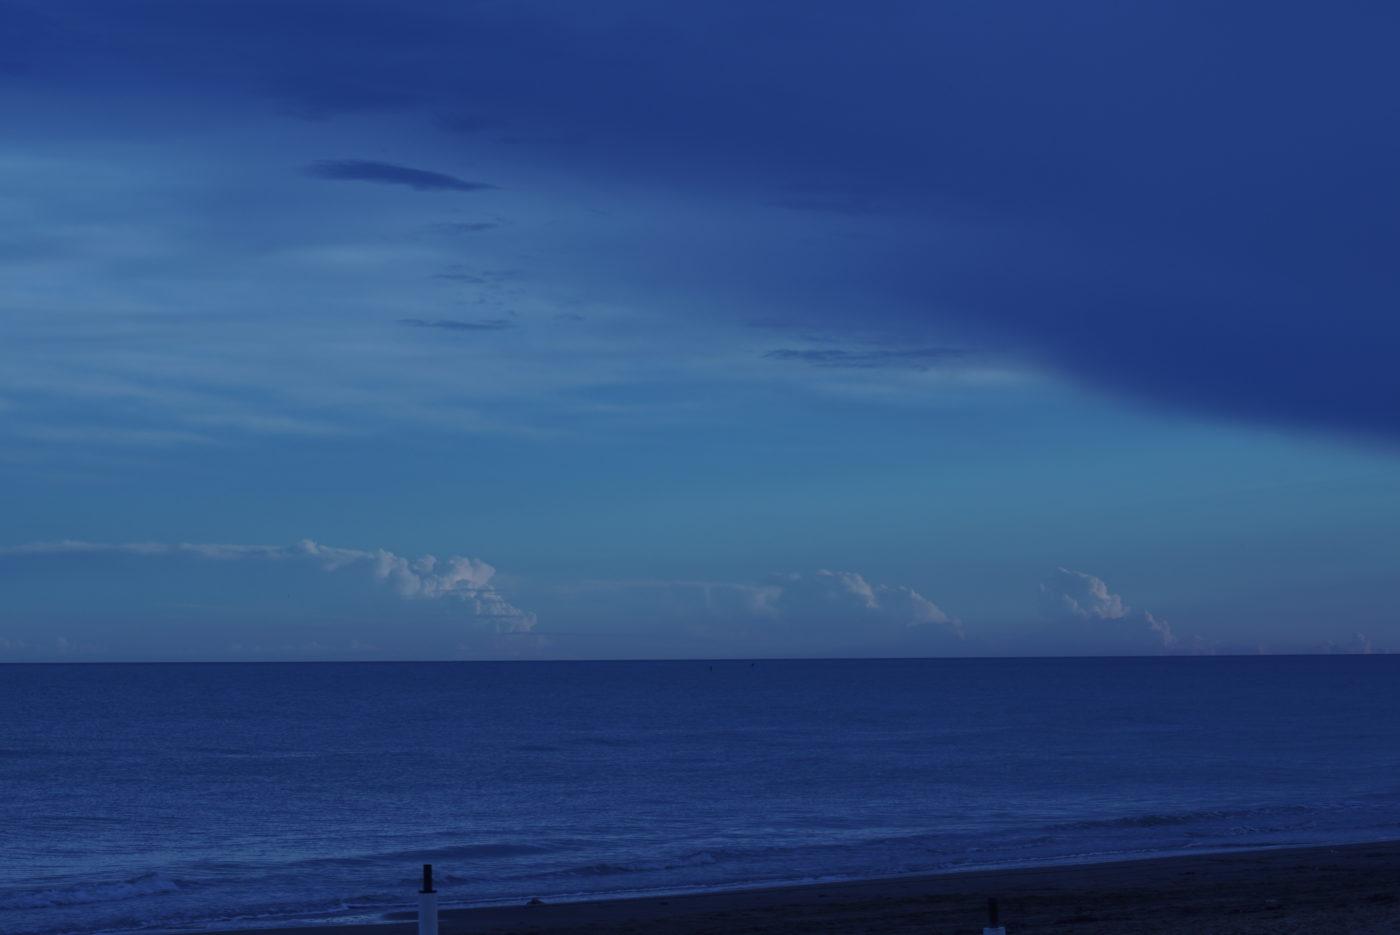 Das bild ist von vollen Blautönen geprägt. Im Vordergrund ist einstück Strand zu sehen und dahinter schließt die fast spiegelglatte Adria an. In der Ferne ist eine mächtige Wolkenbank zu sehen.